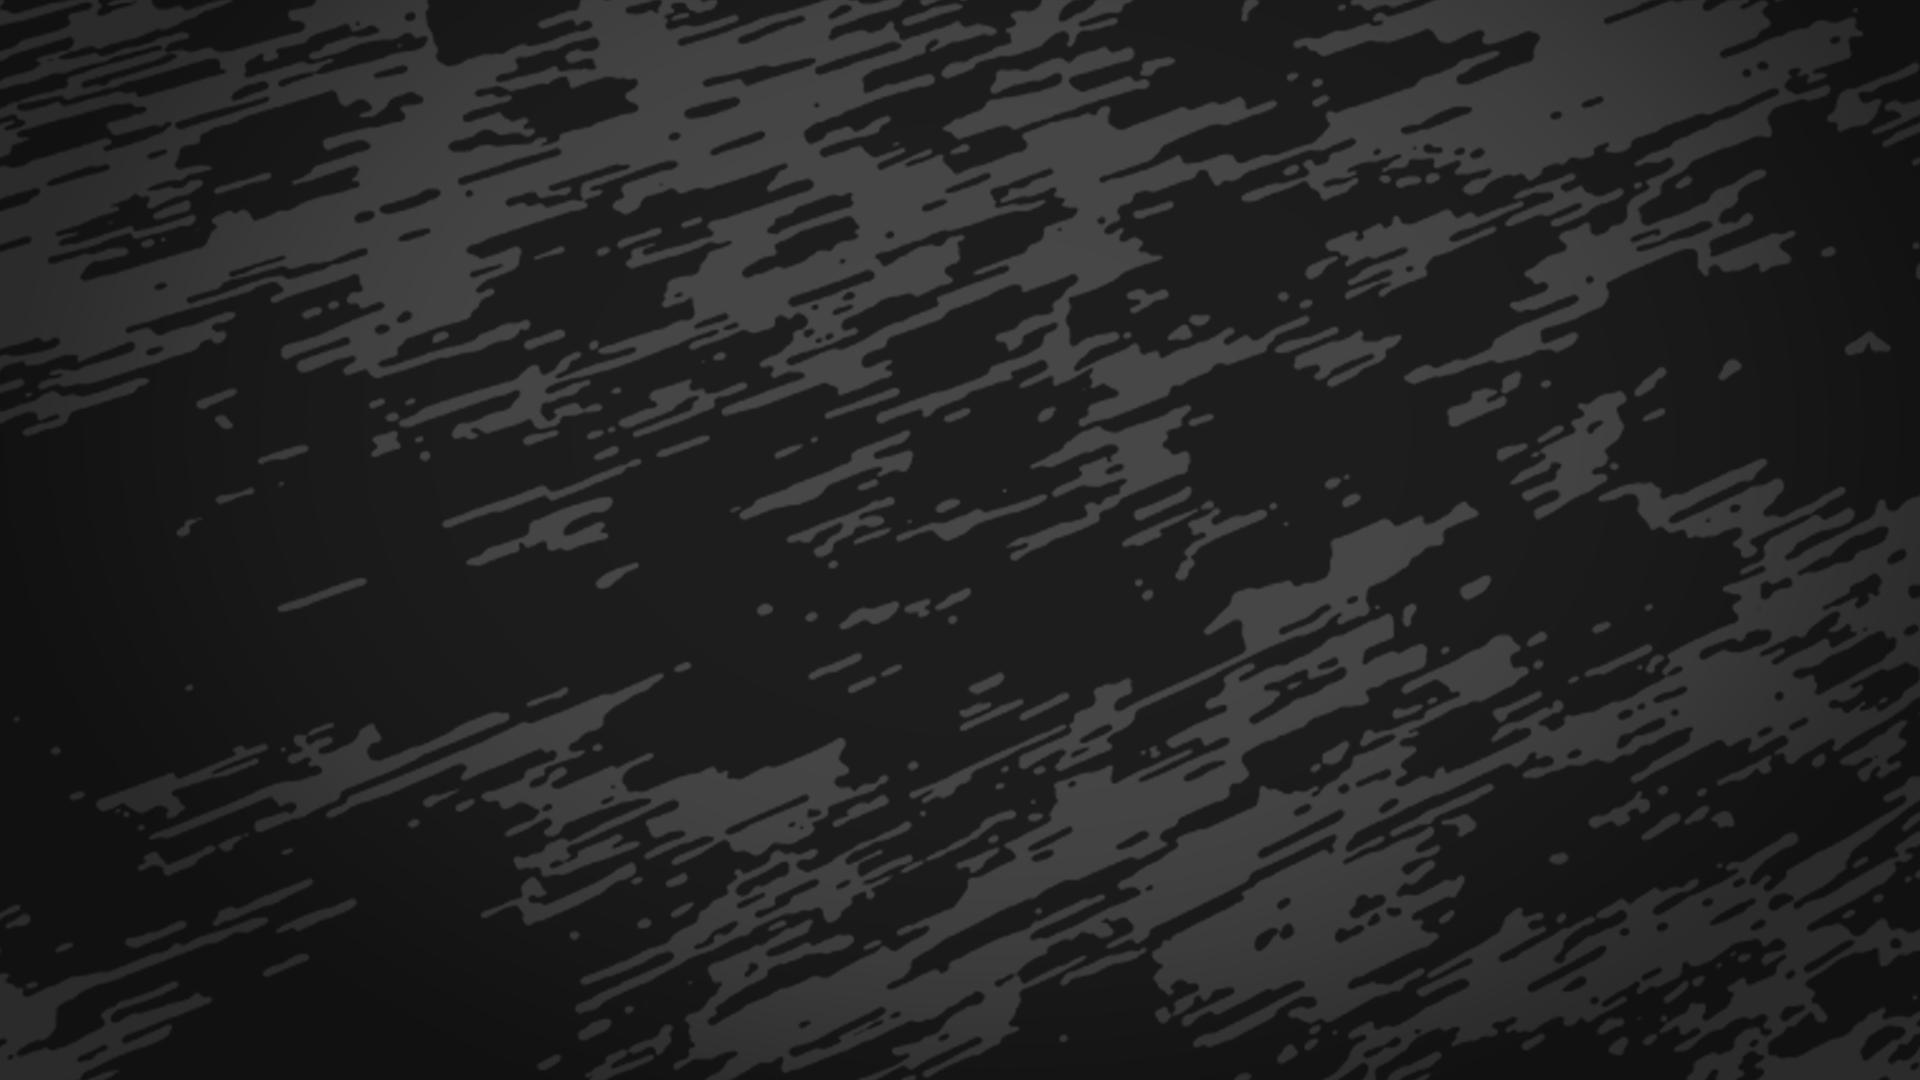 LED_BG_07.jpg